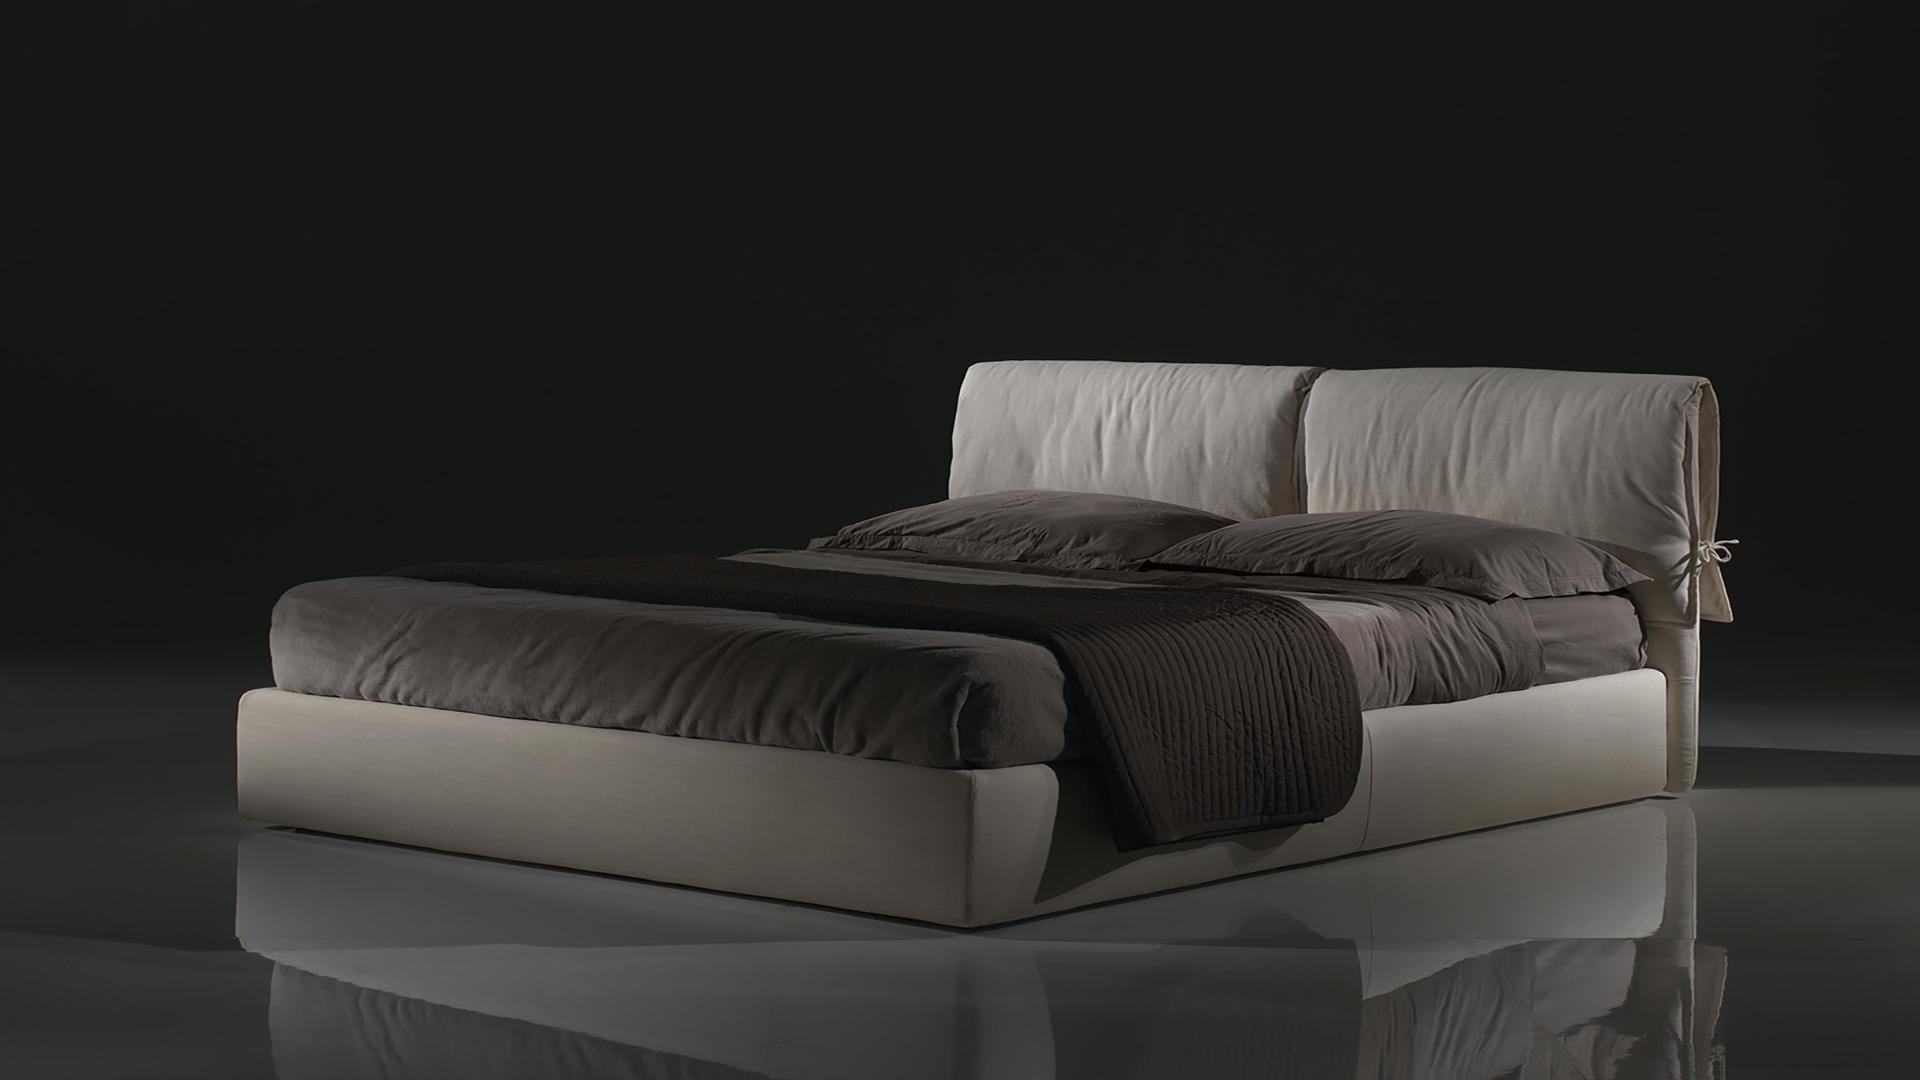 letto-testata-cuscini-soffio-murtarelli